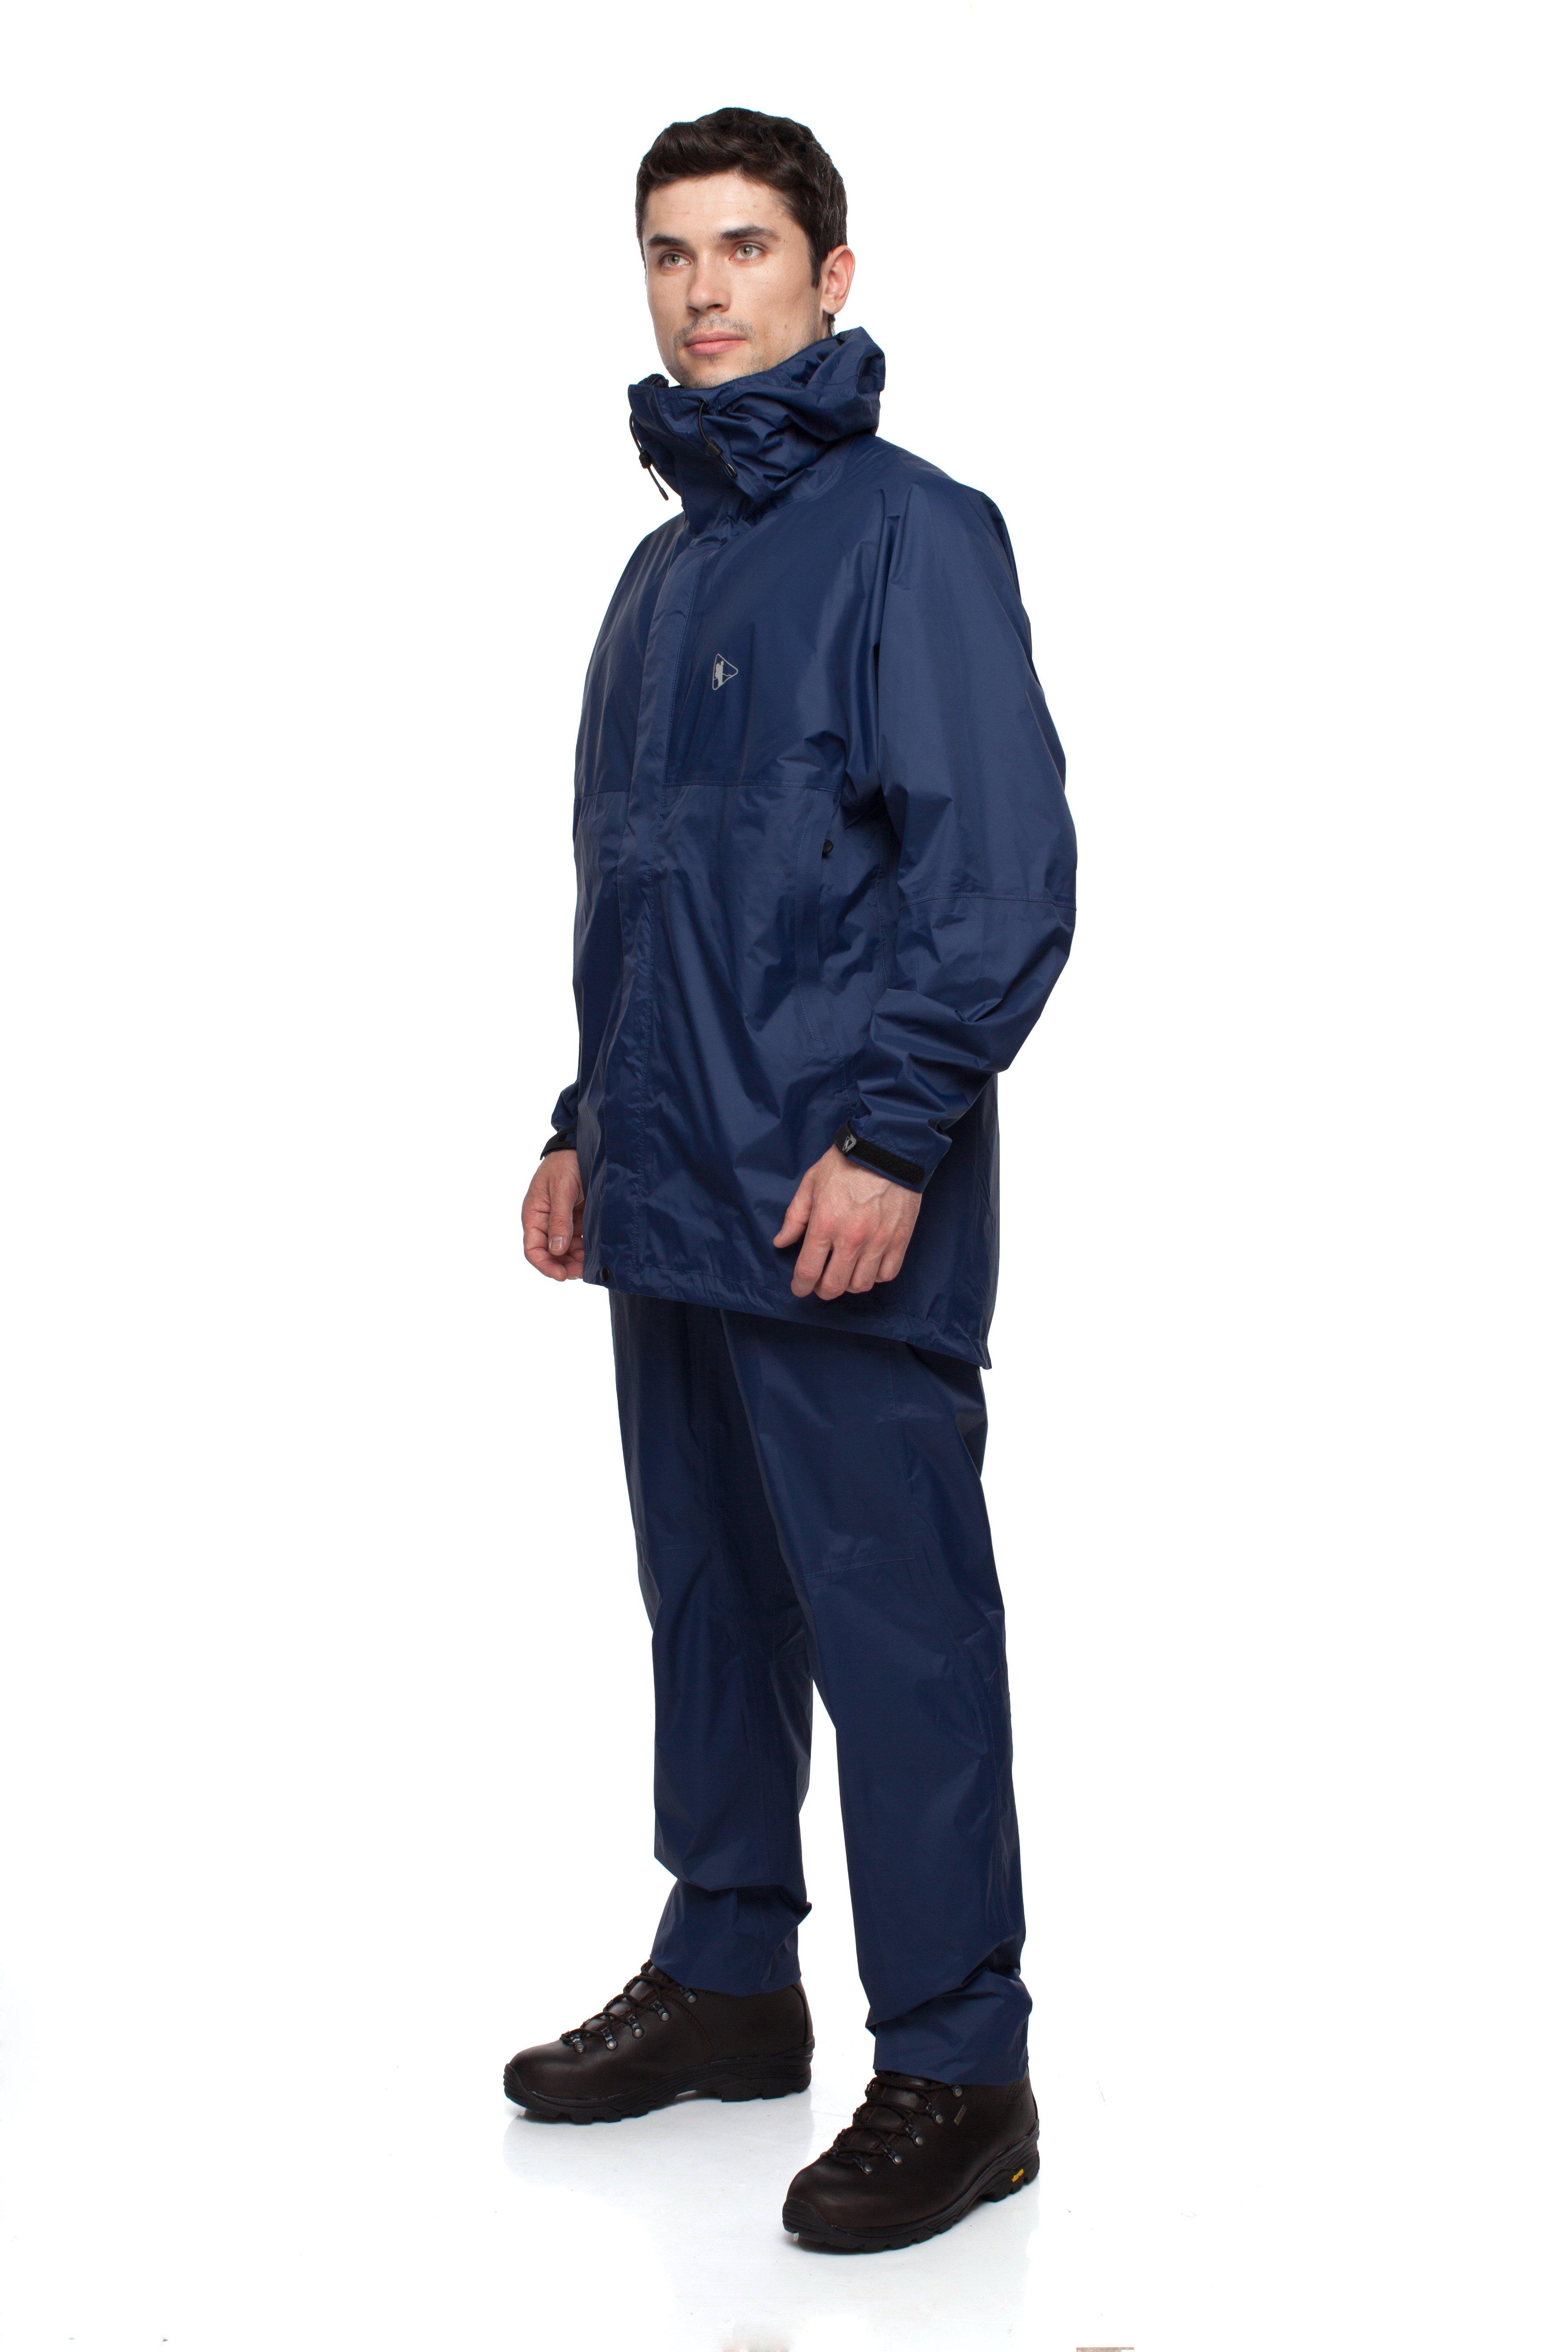 Куртка BASK UNISTORM JKT 3578Многофункциональная легкая компактная куртка из мембранной&amp;nbsp;ткани Advance® 2.5L<br><br>Верхняя ткань: Advance® 2.5L<br>Вес граммы: 420<br>Ветро-влагозащитные свойства верхней ткани: Нет<br>Ветрозащитная планка: Да<br>Ветрозащитная юбка: Нет<br>Влагозащитные молнии: Да<br>Внутренние манжеты: Нет<br>Водонепроницаемость: 10000<br>Дублирующий центральную молнию клапан: Нет<br>Защитный козырёк капюшона: Нет<br>Капюшон: несъемный<br>Карман для средств связи: Нет<br>Количество внешних карманов: 2<br>Количество внутренних карманов: 1<br>Мембрана: Advance® 2.5L<br>Объемный крой локтевой зоны: Да<br>Отстёгивающиеся рукава: Нет<br>Паропроницаемость: 5000<br>Пол: Унисекс<br>Проклейка швов: Да<br>Размеры: XS-XXl<br>Регулировка манжетов рукавов: Да<br>Регулировка низа: Да<br>Регулировка объёма капюшона: Да<br>Регулировка талии: Нет<br>Регулируемые вентиляционные отверстия: Нет<br>Световозвращающая лента: Нет<br>Технология Thermal Welding: Нет<br>Технология швов: проклеены<br>Тип молнии: двухзамковая влагозащитная<br>Ткань усиления: нет<br>Усиление контактных зон: Нет<br>Размер INT: M<br>Цвет: ЧЕРНЫЙ